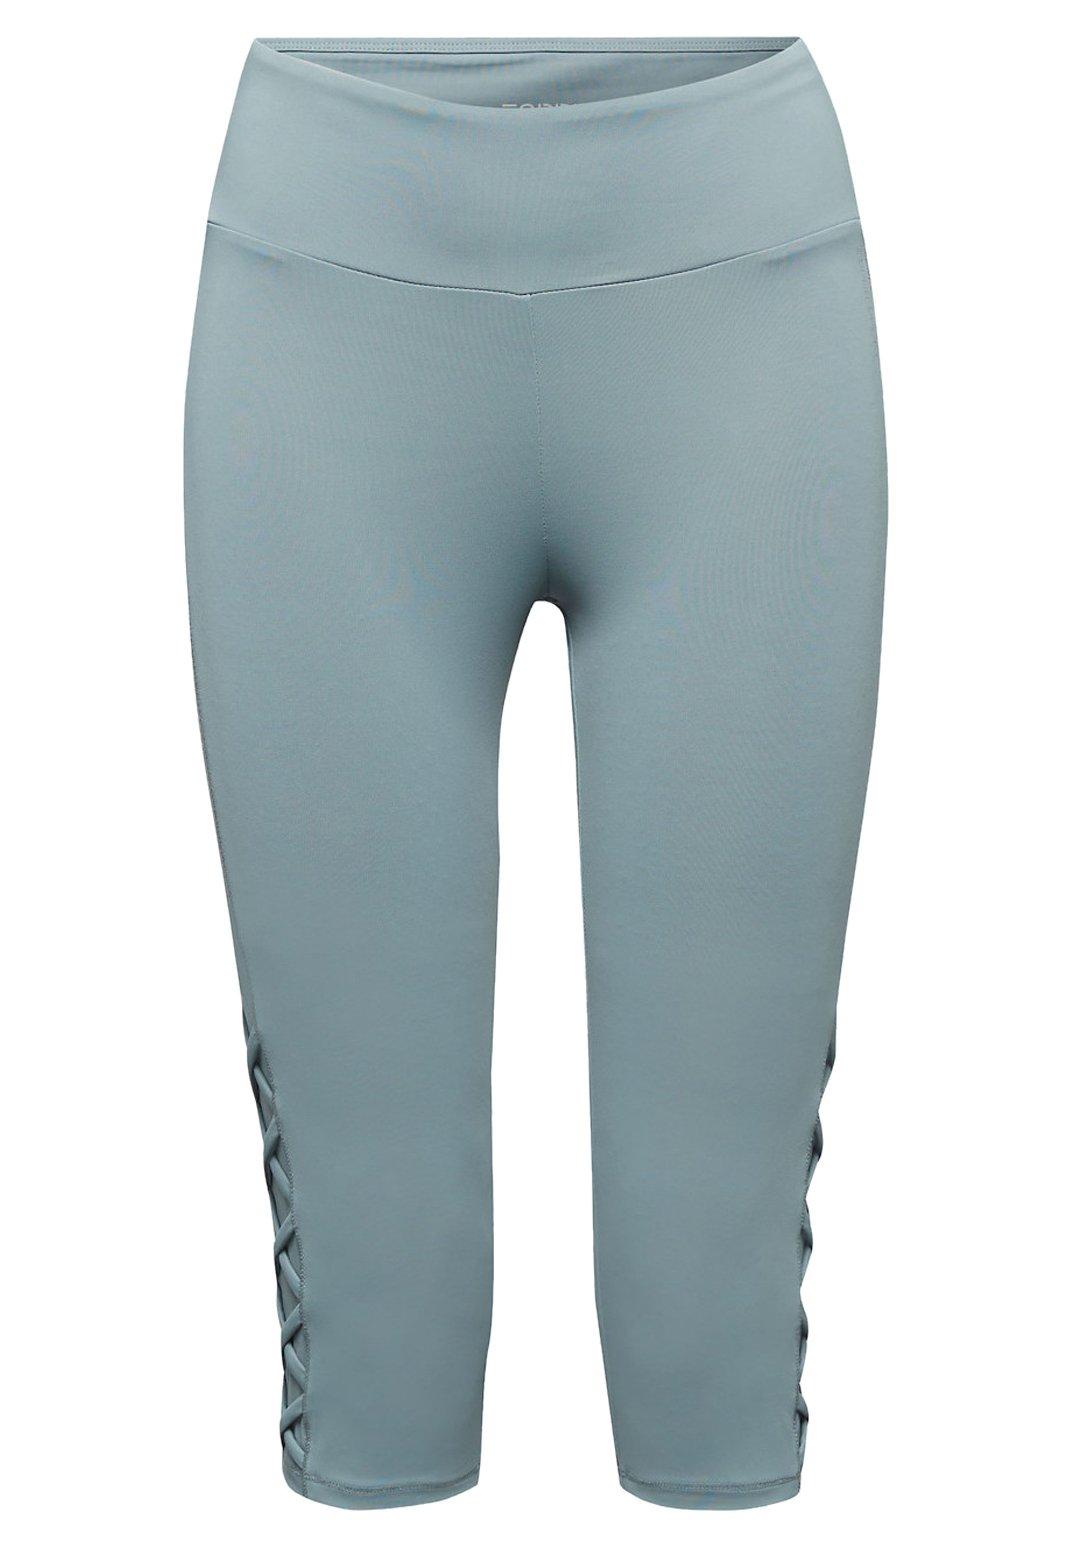 Femme Pantalon 3/4 de sport